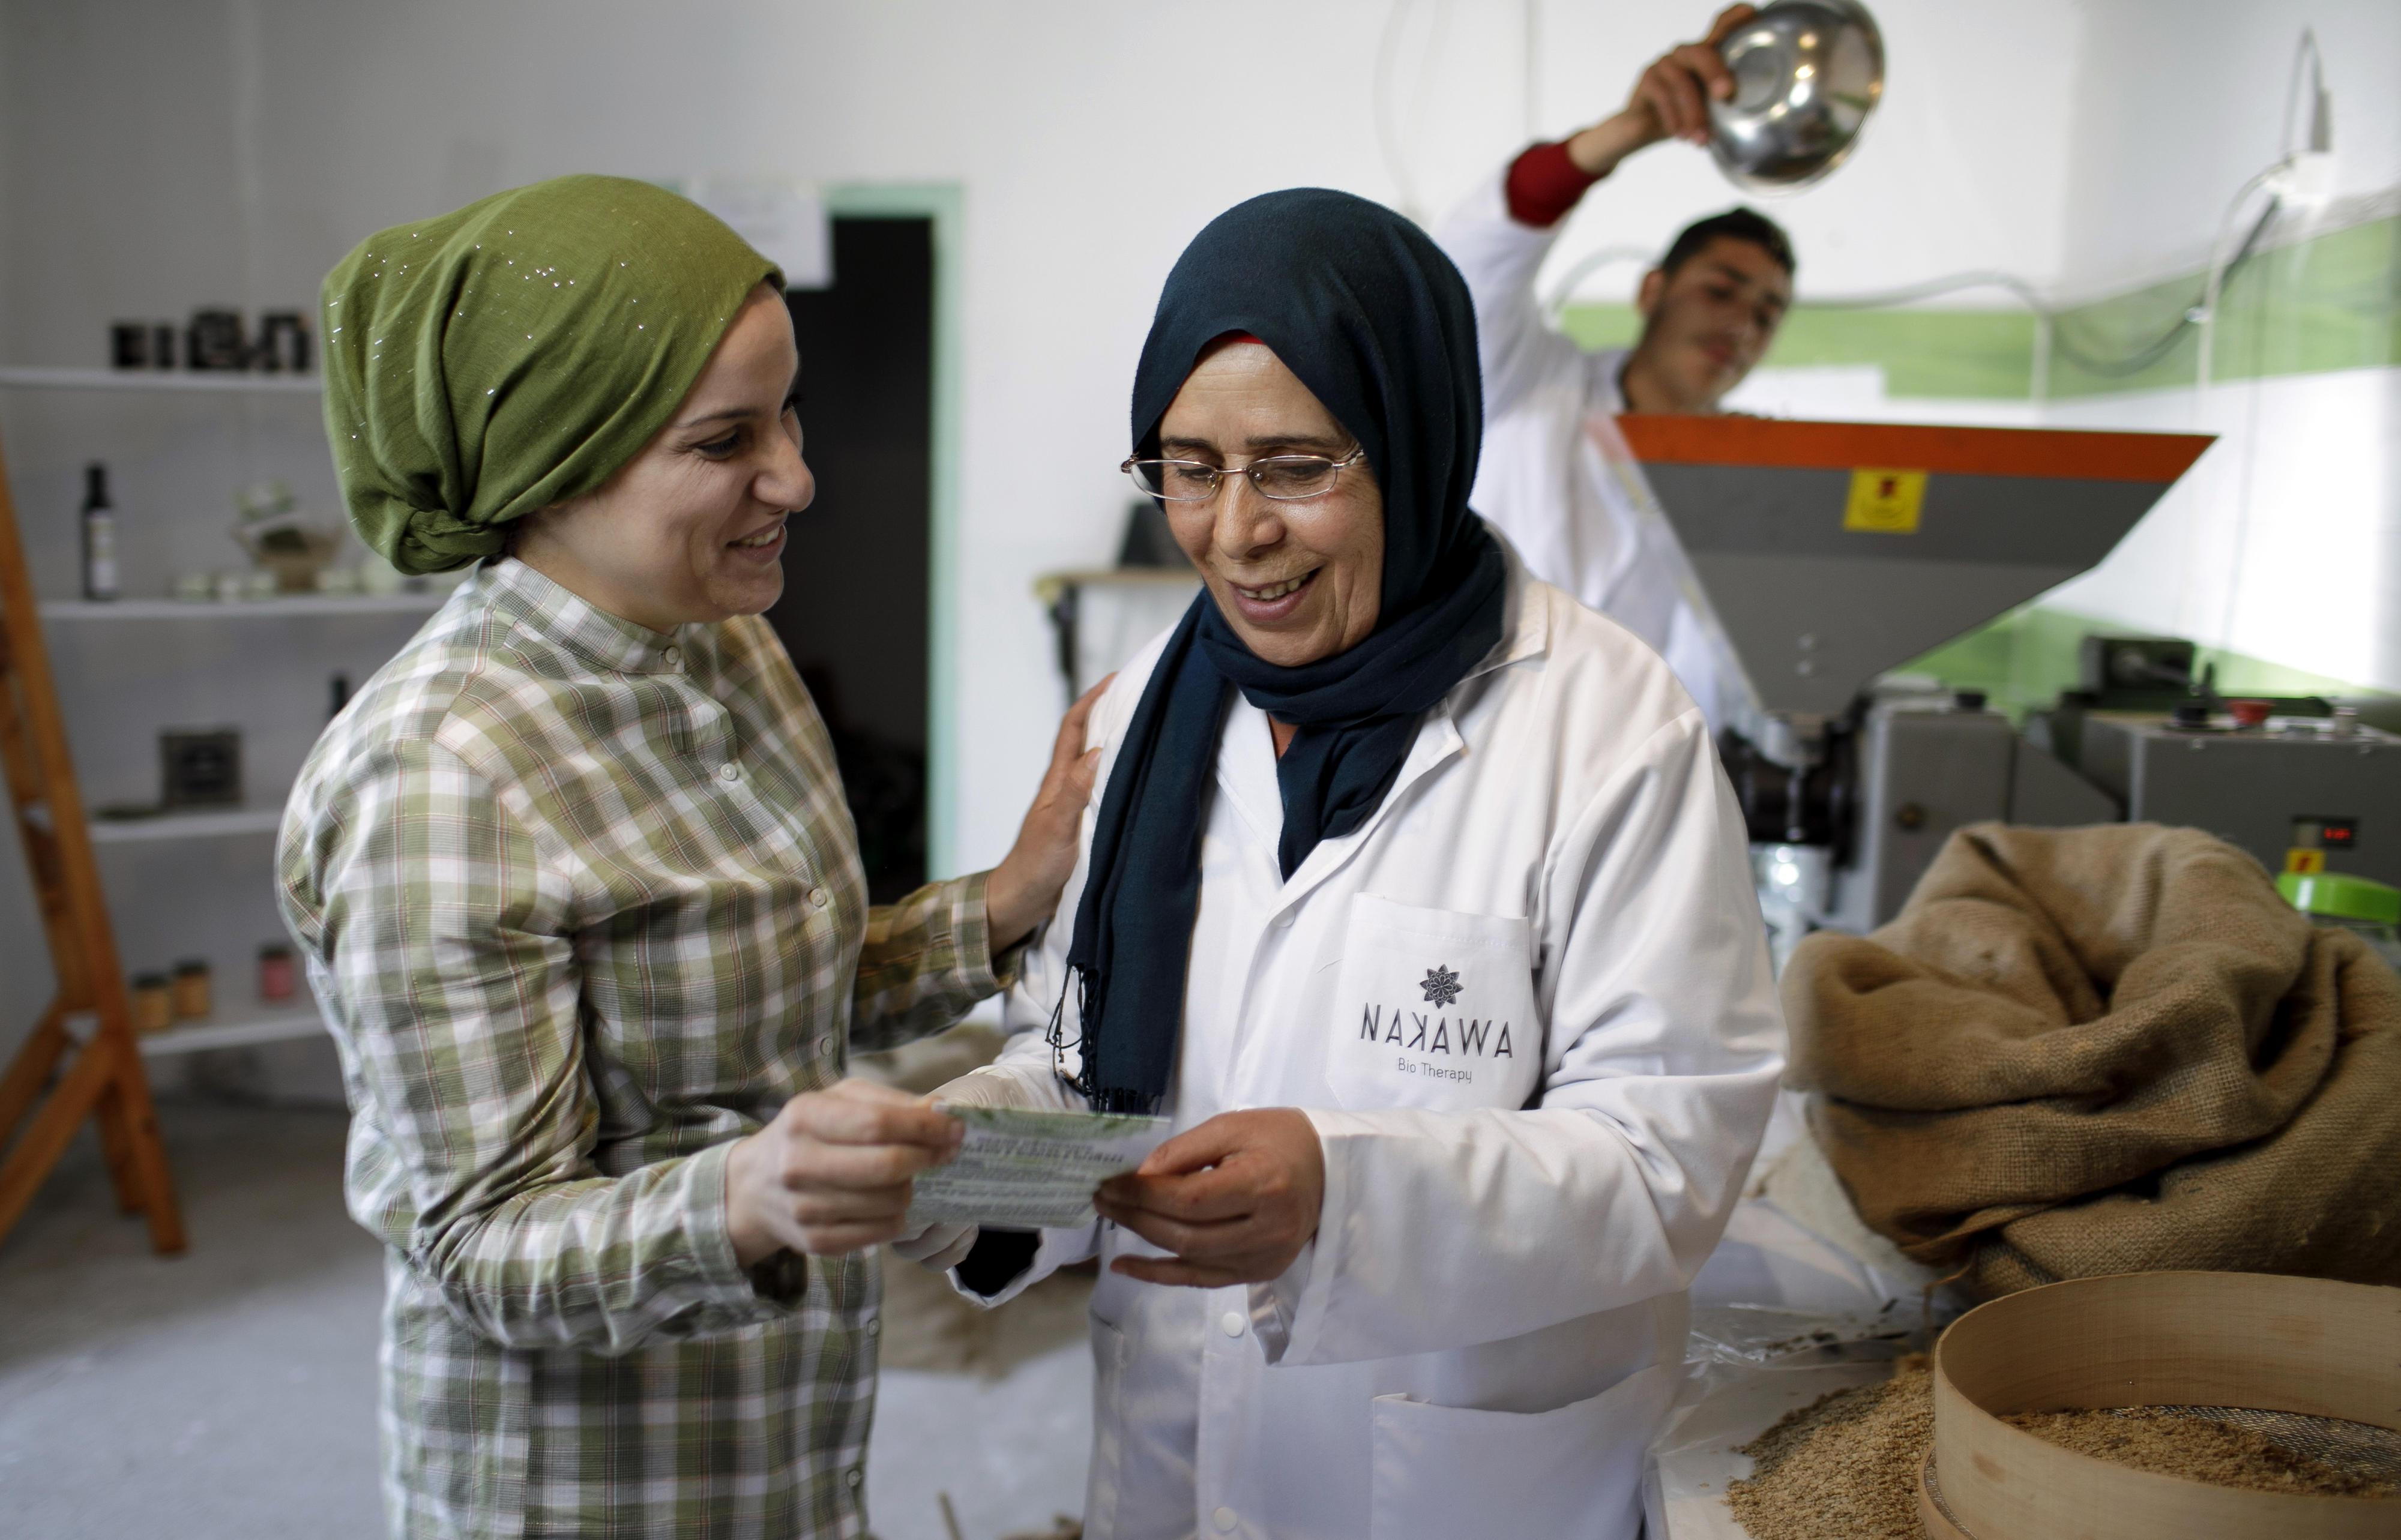 Lobna Dams, Gründerin der Firma Nakawa Biokosmetik, im Gespräch mit einer Mitarbeiterin (Jemmal, Tunesien).